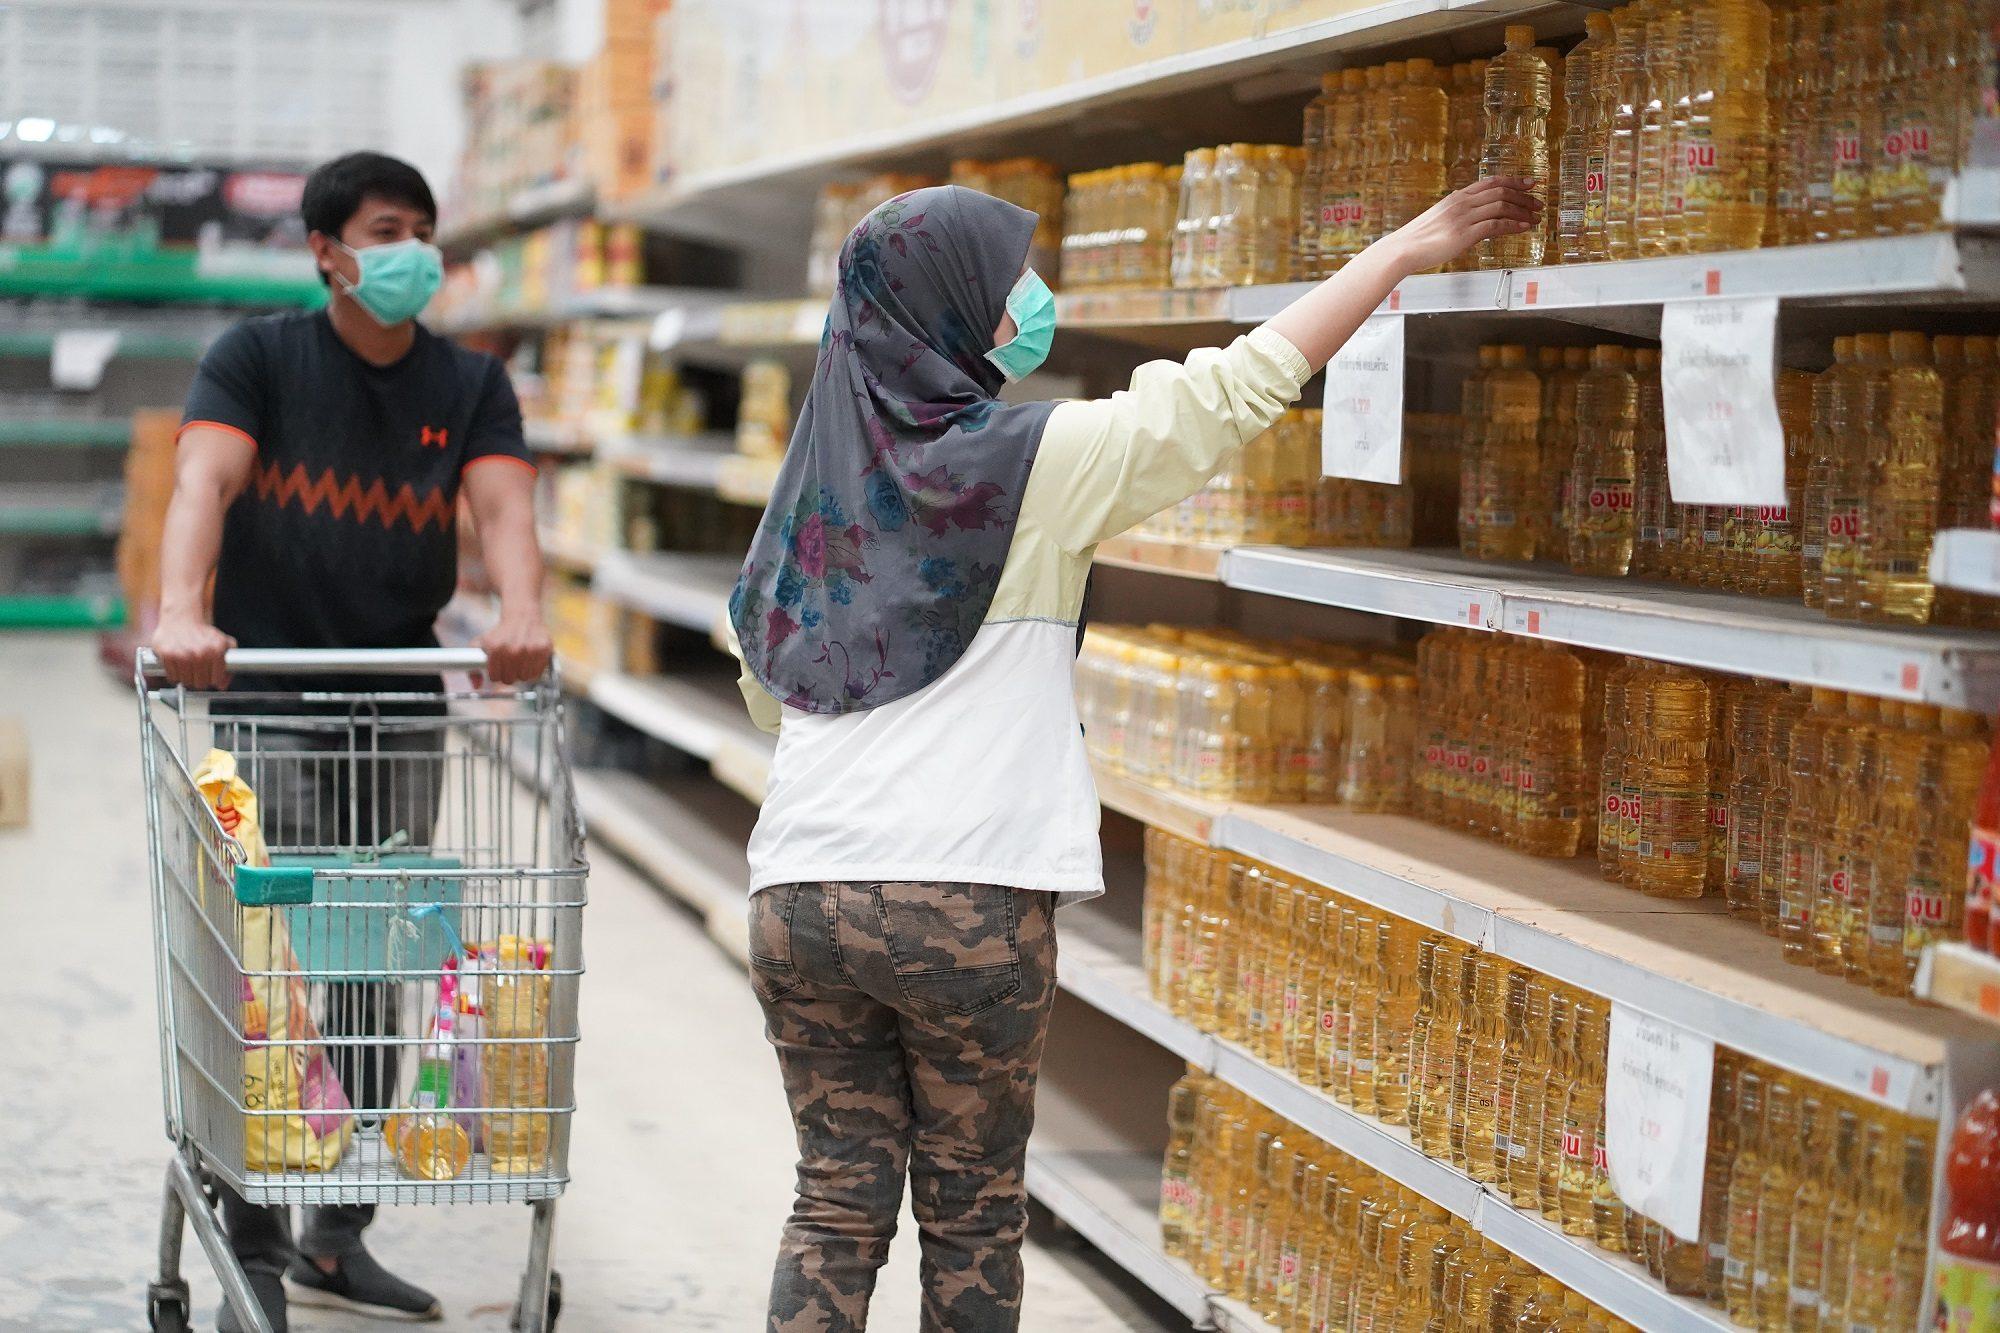 'ชาวยะลา' ซื้อสินค้าจำเป็น หลังจังหวัดออกประกาศป้องกันการแพร่ระบาดโควิด-19